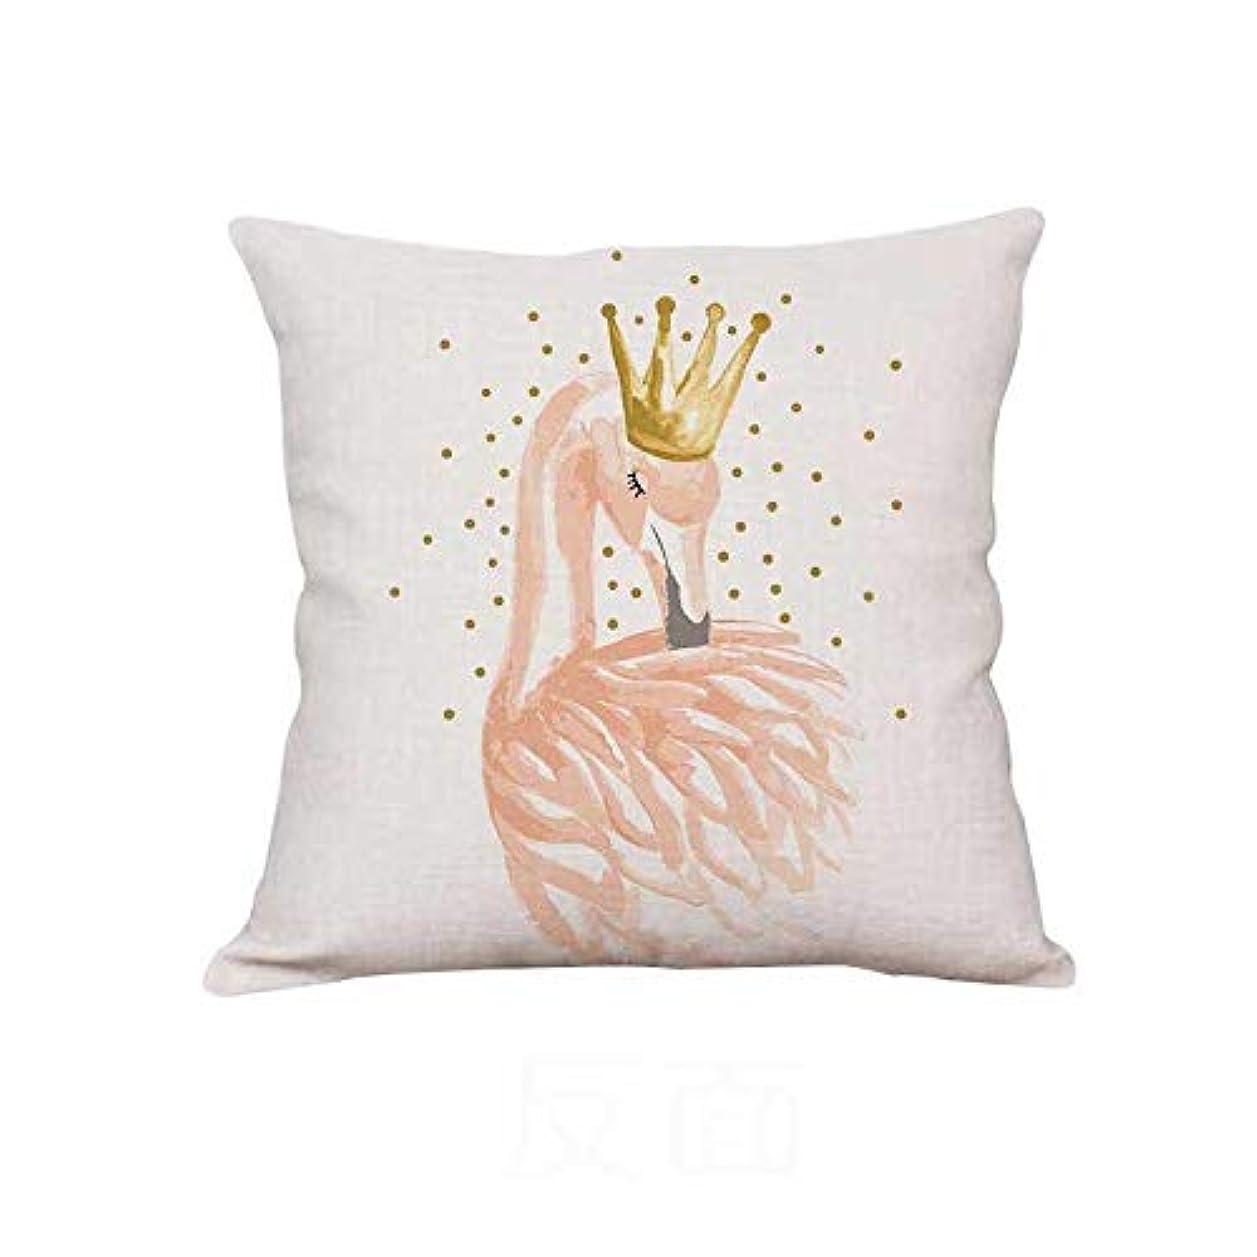 顧問絶えず大人LIFE 新しいぬいぐるみピンクフラミンゴクッションガチョウの羽風船幾何北欧家の装飾ソファスロー枕用女の子ルーム装飾 クッション 椅子